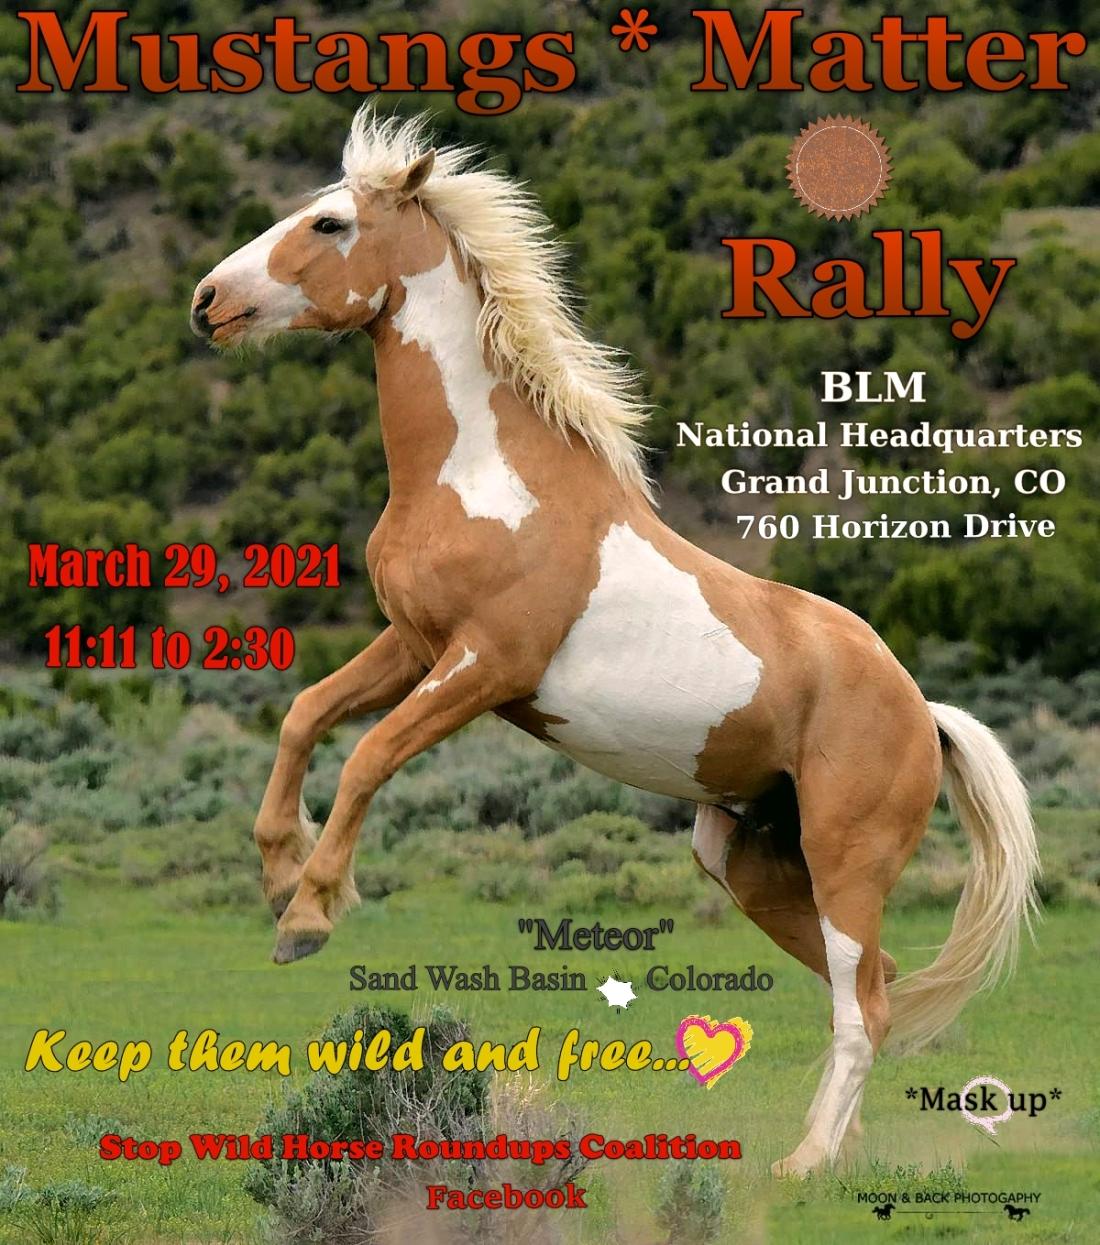 Mustangs Matter Rally Flyer 03-22-21